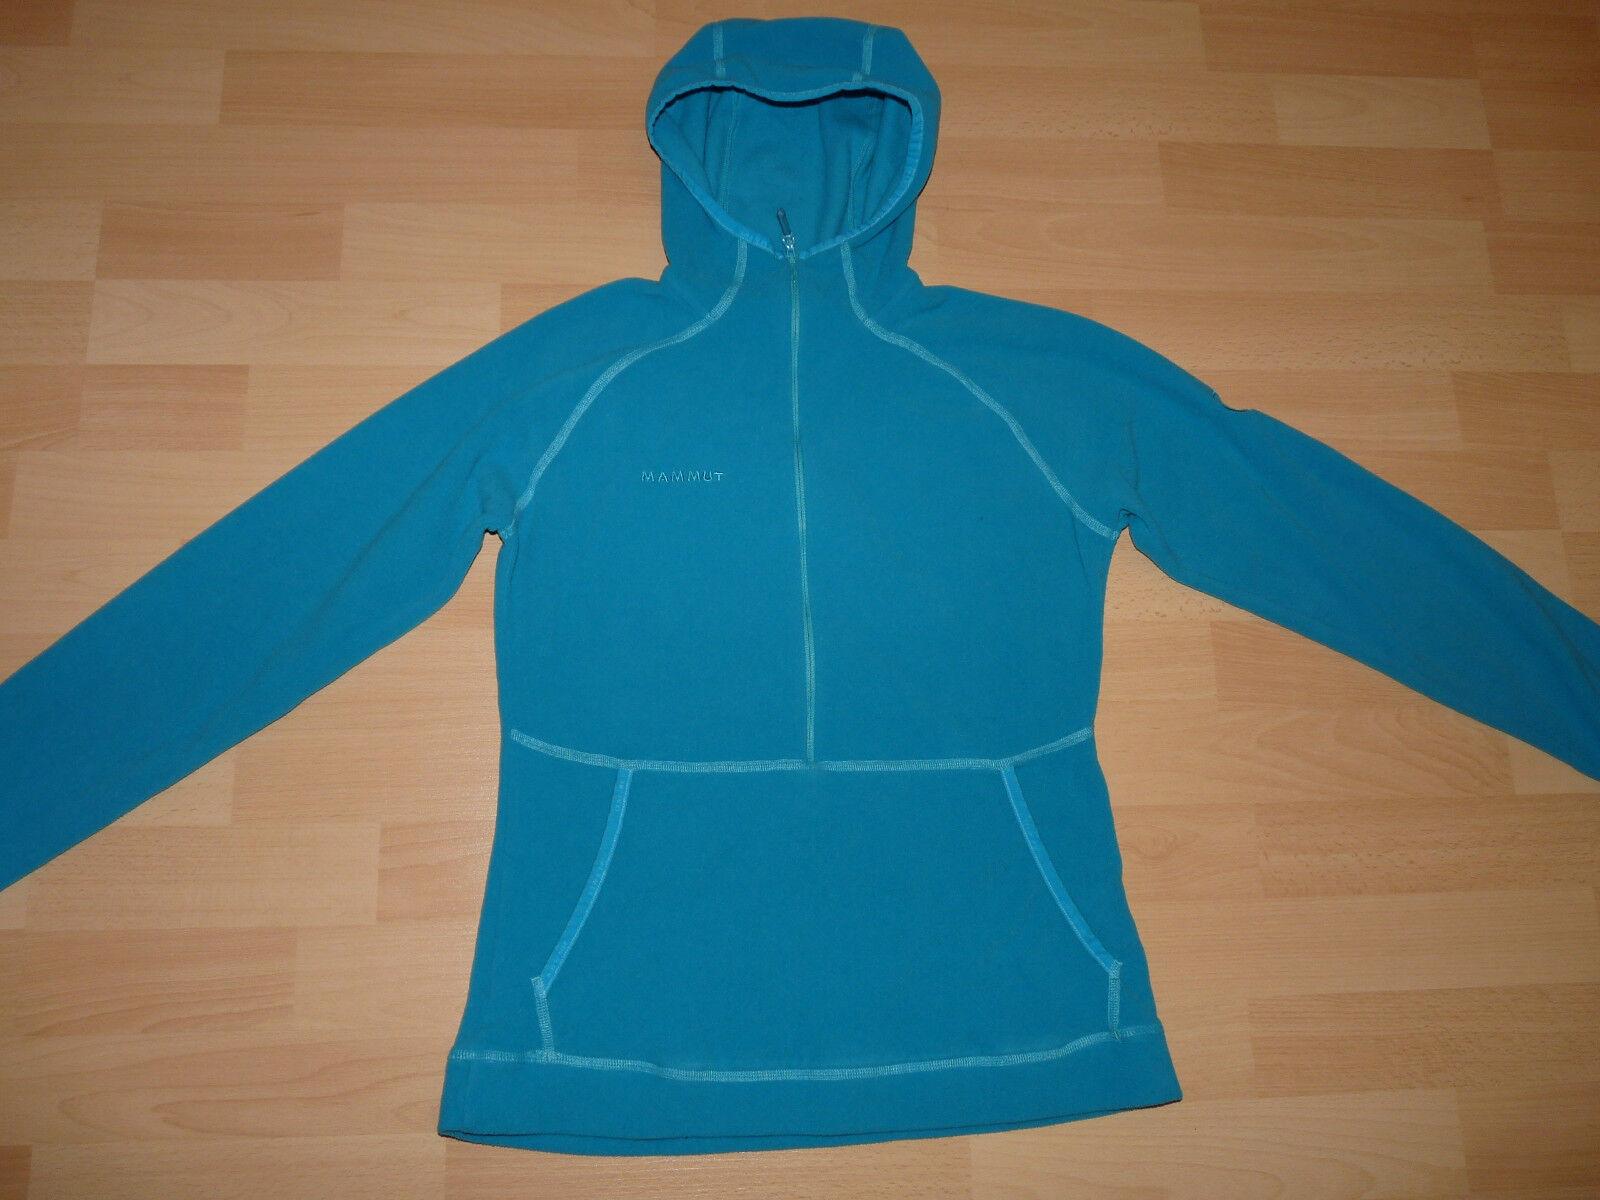 242 MAMMUT Sweatshirt  Hoody damen Damen Kapuze Fleece Jacke türkis Gr M  38 40